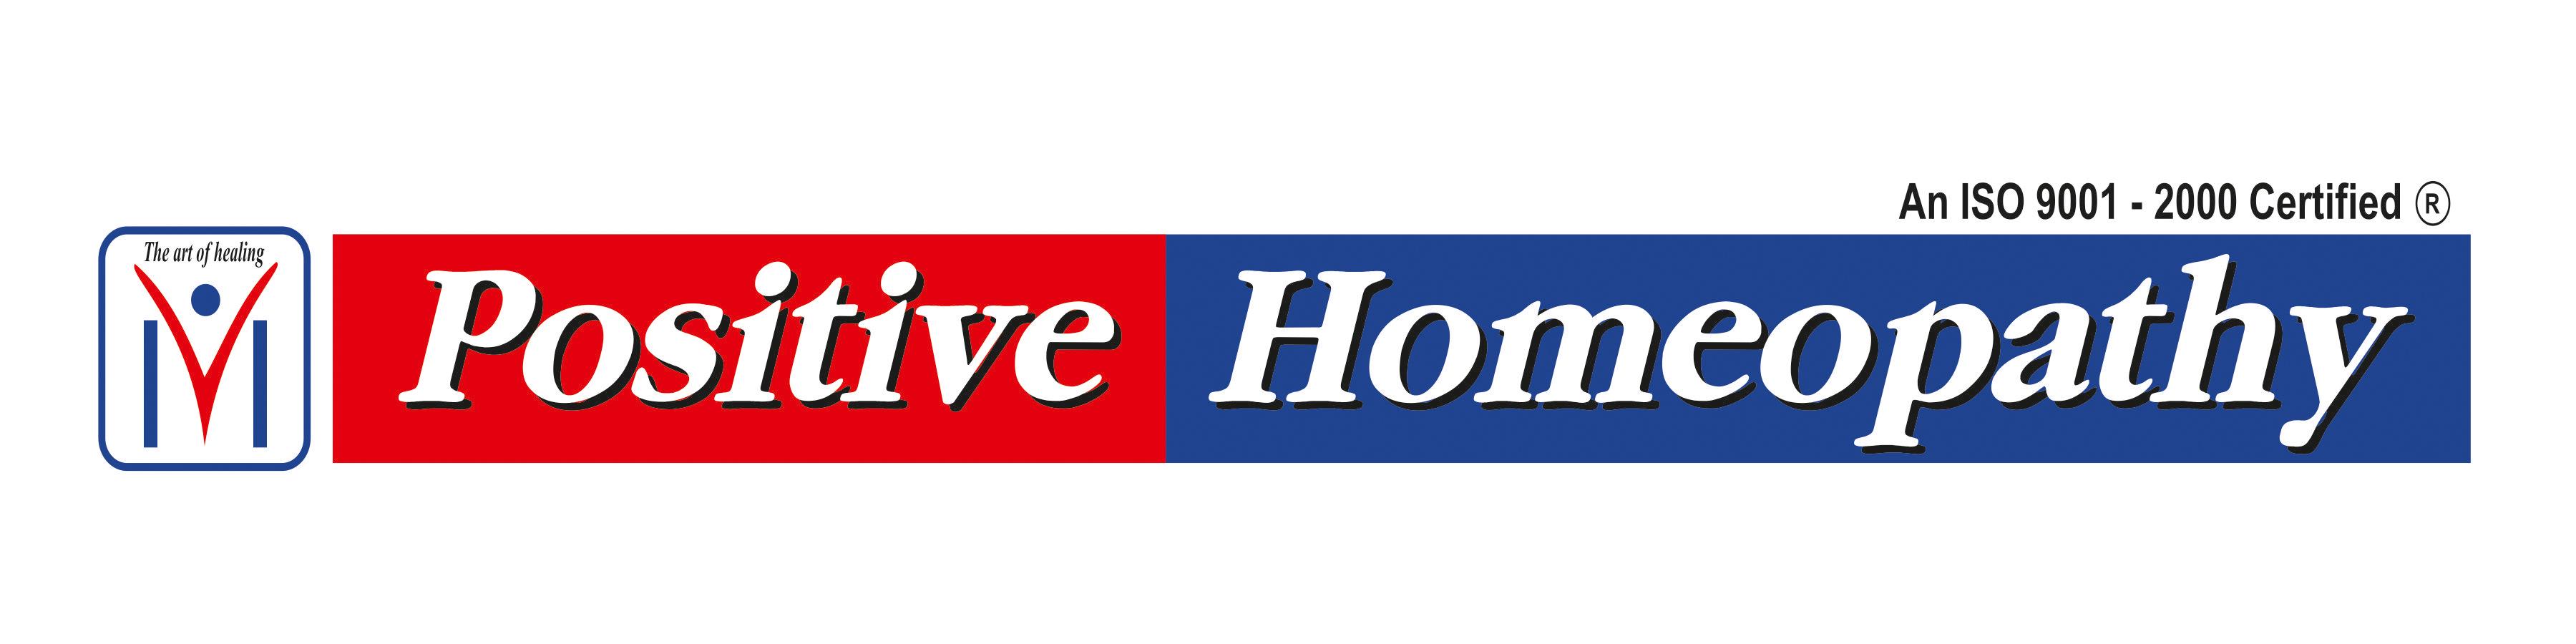 Positive Homeopathy - Malleshwaram - Bangalore Image